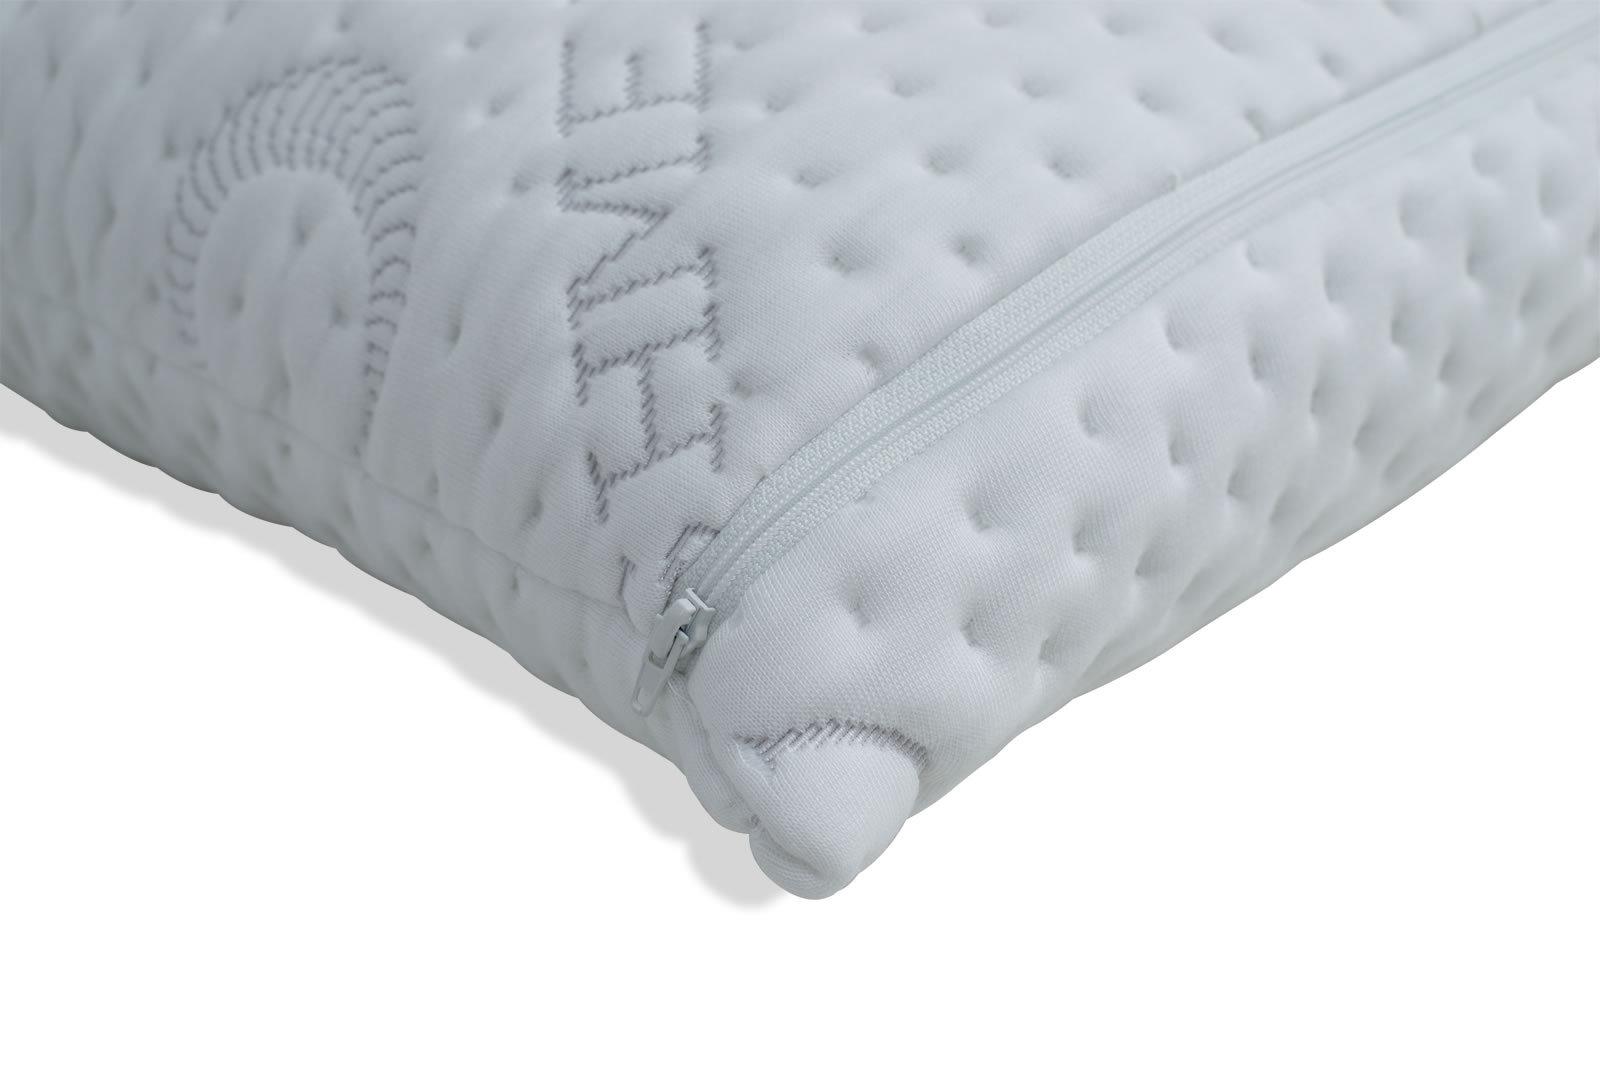 aktuelles ber lattenroste und matratzen und kissen bei der fmp. Black Bedroom Furniture Sets. Home Design Ideas